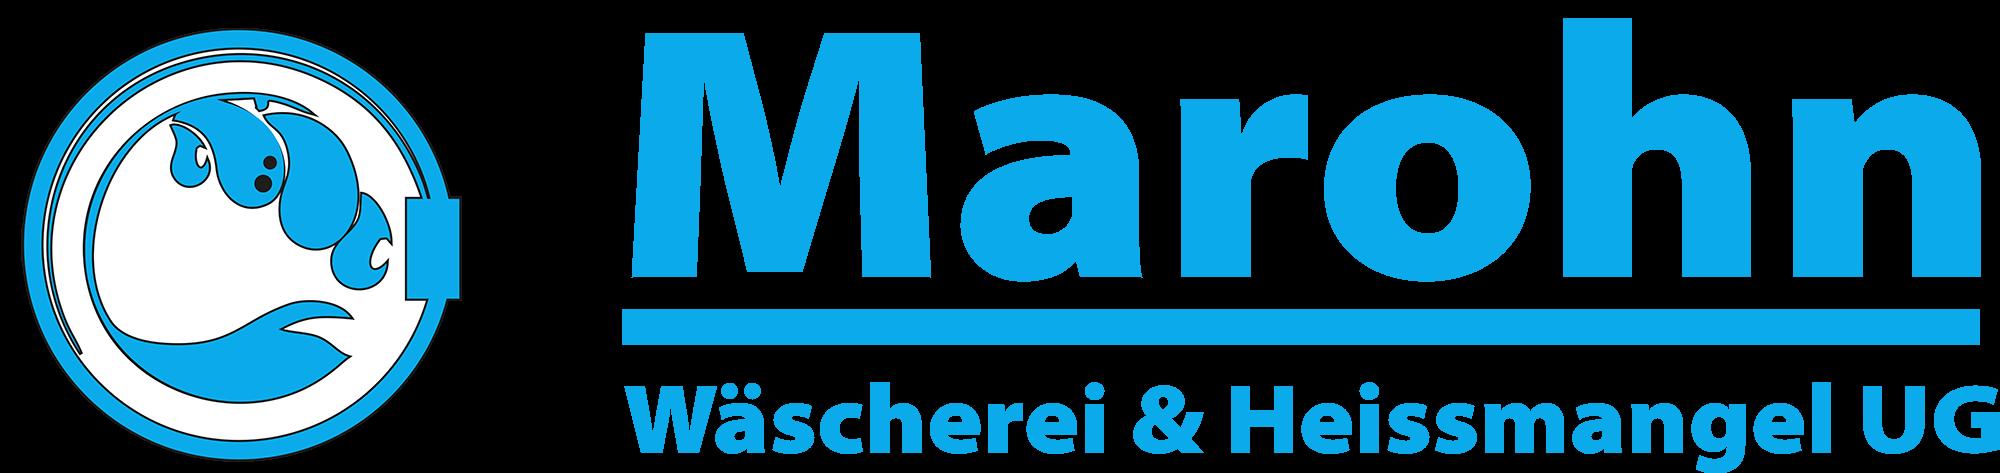 waescherei-marohn.de